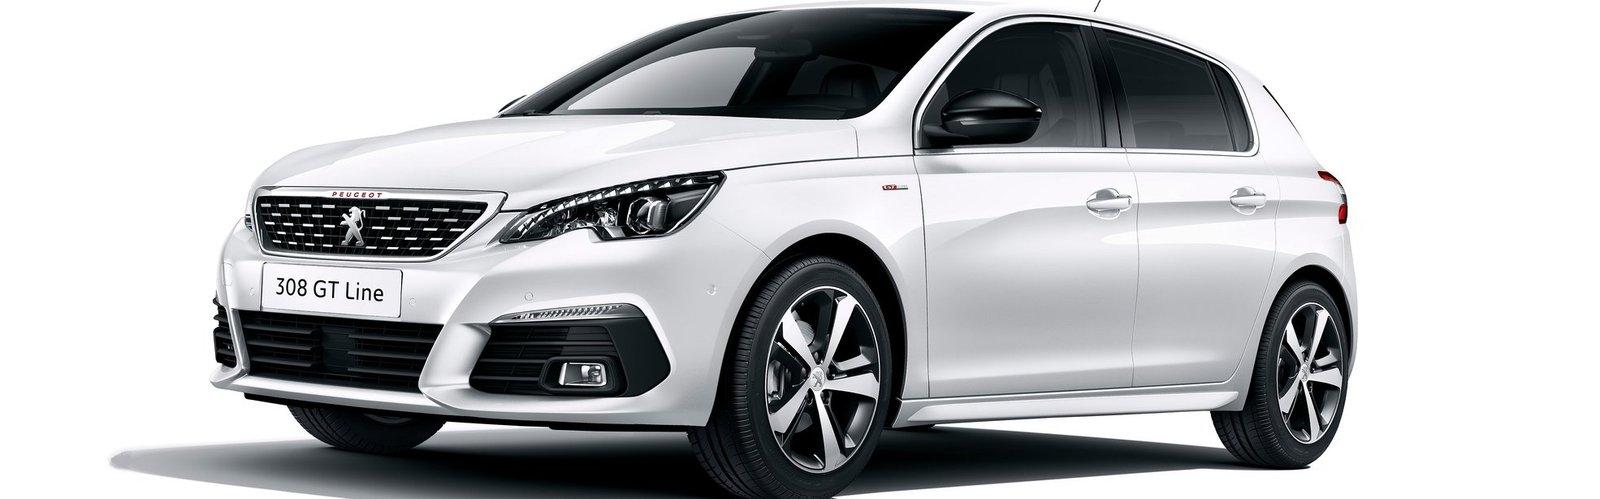 Peugeot 308 5-Türer Konfigurator und Preisliste 2020 | DriveK